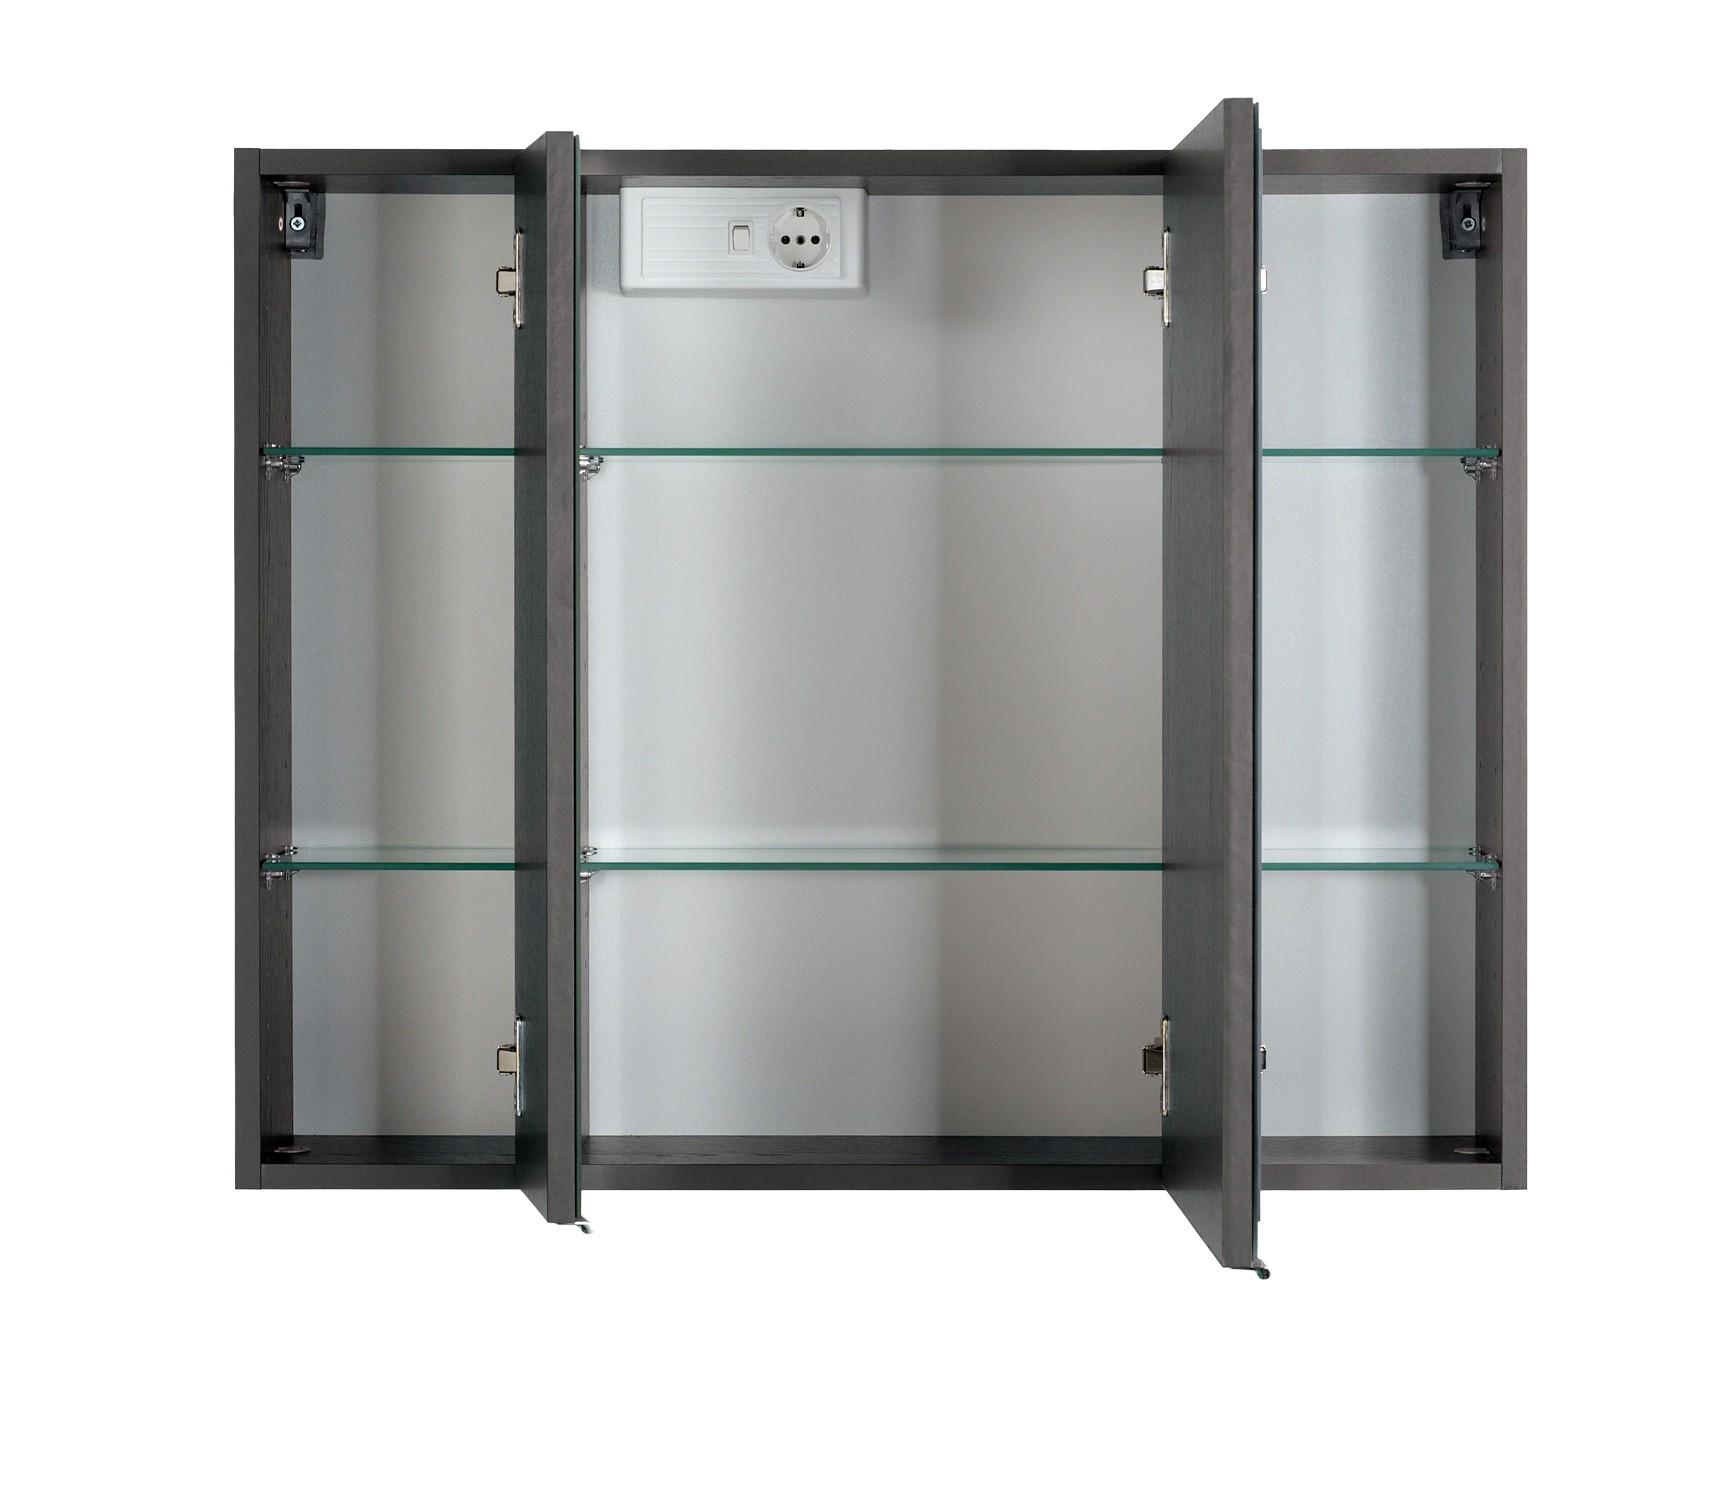 Wundervoll Spiegelschrank 3 Türig Referenz Von Bad-spiegelschrank - 3-türig, Mit Led-aufbauleuchte - 80